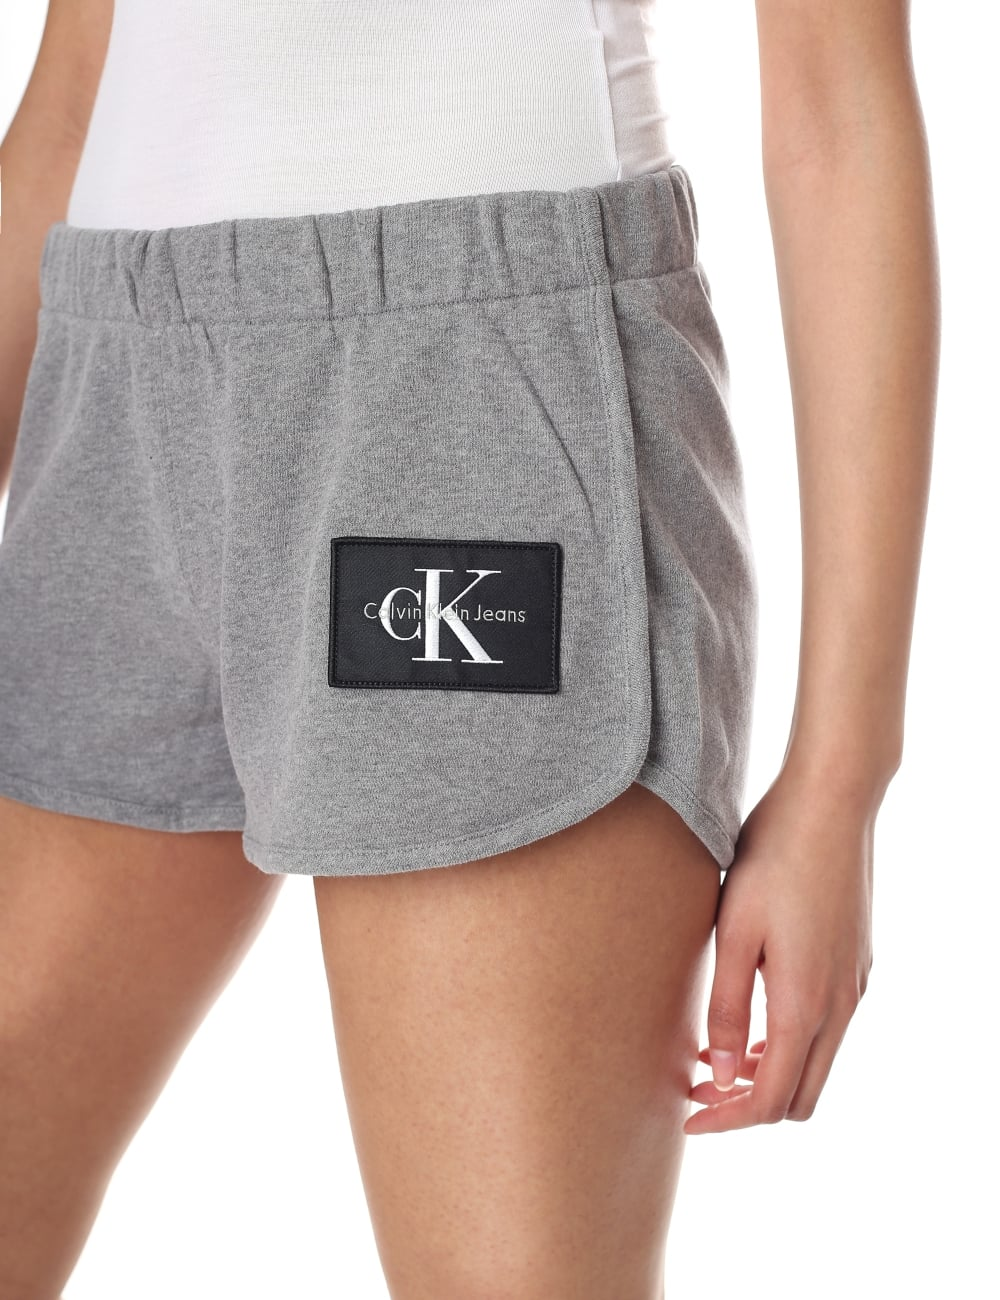 d17f251796f4 Calvin Klein Women s True Icon CK Badge Short